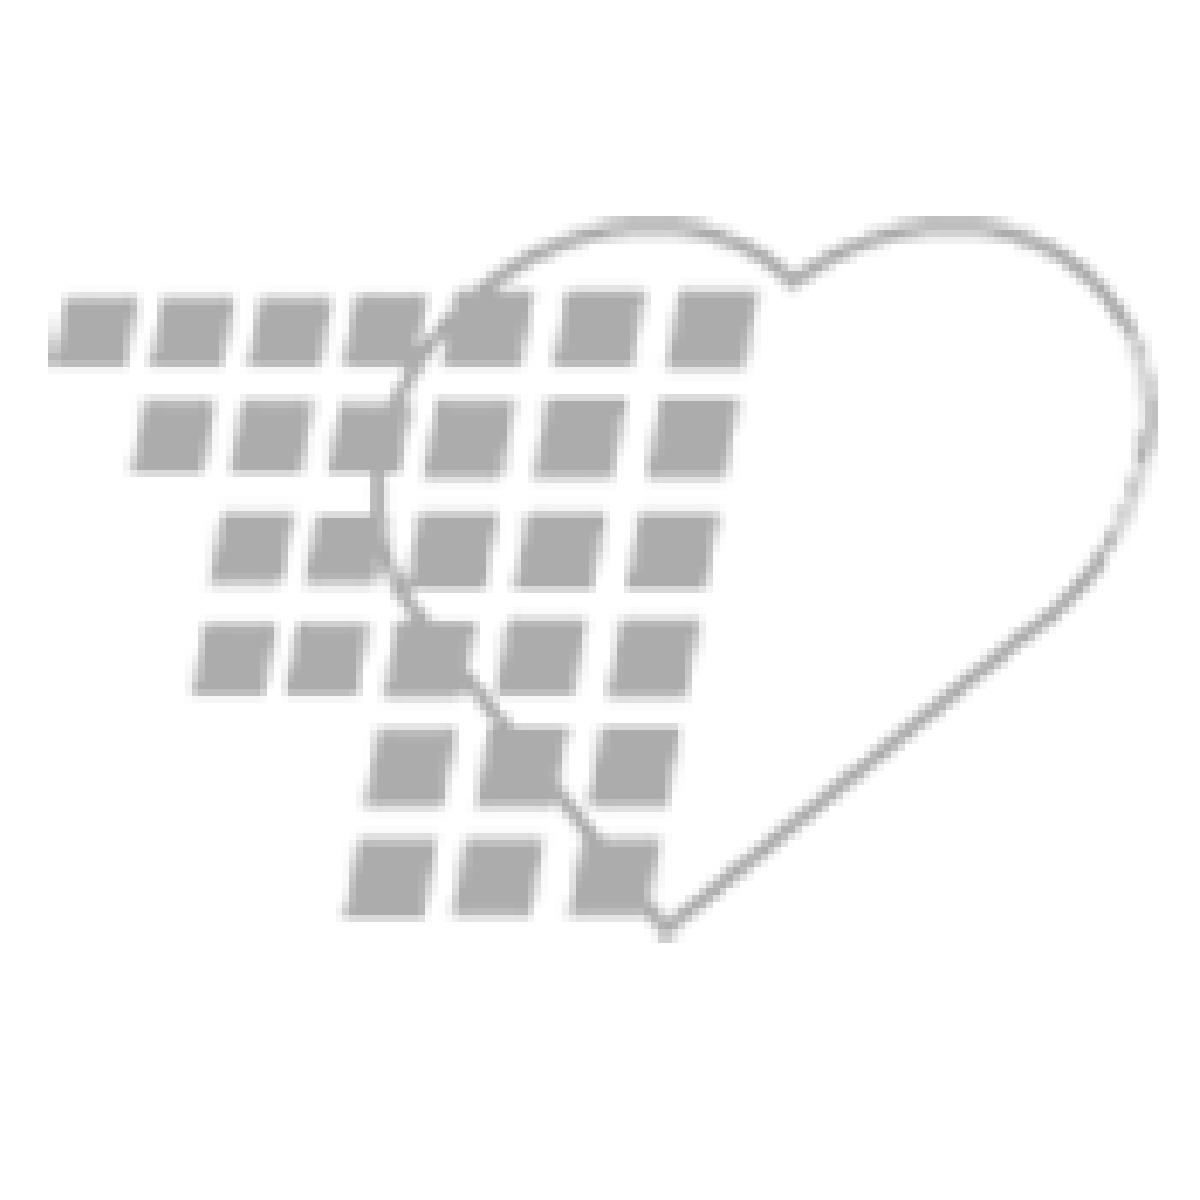 06-26-3072P Peripheral IV Catheter Protectiv®-W Retracting Needle